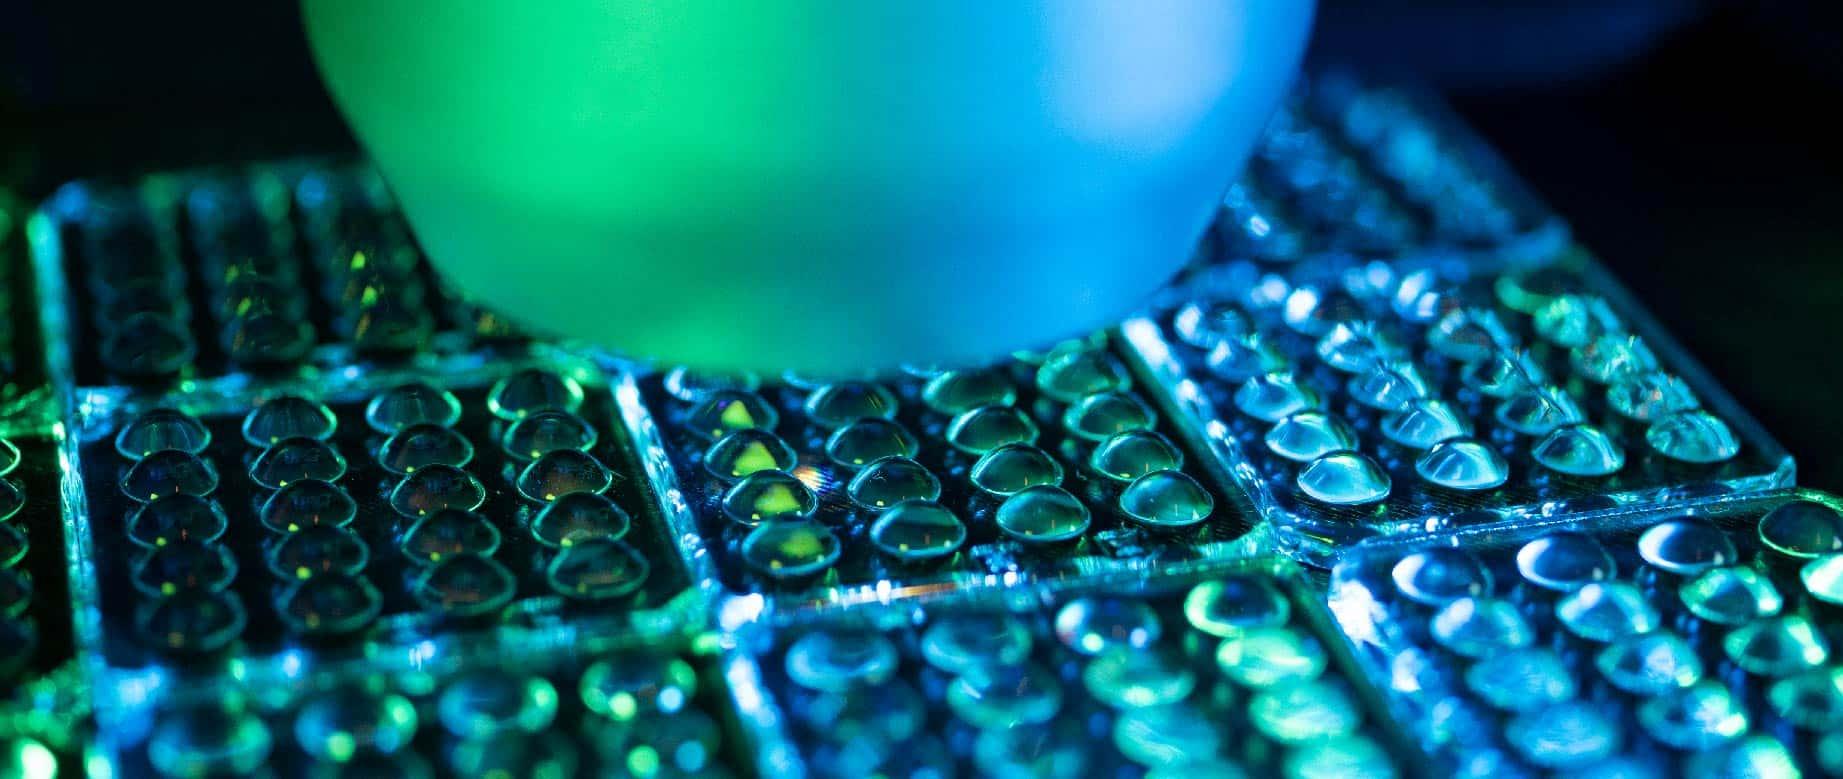 Bild, welches die Prüfung von Mikrolinsen zeigt.